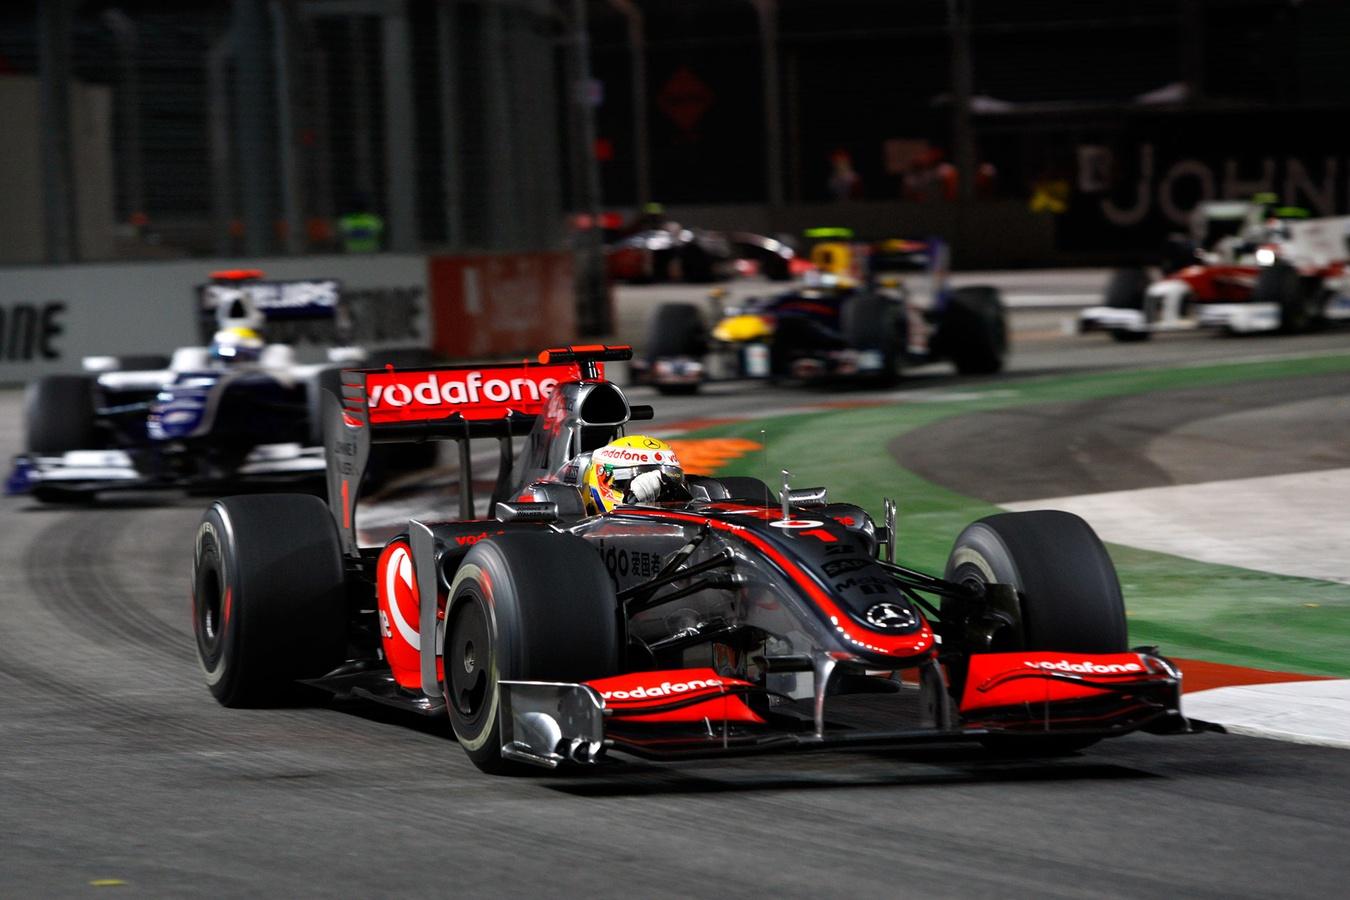 Фотография Льюиса Хэмилтона на Гран-при Сингапура